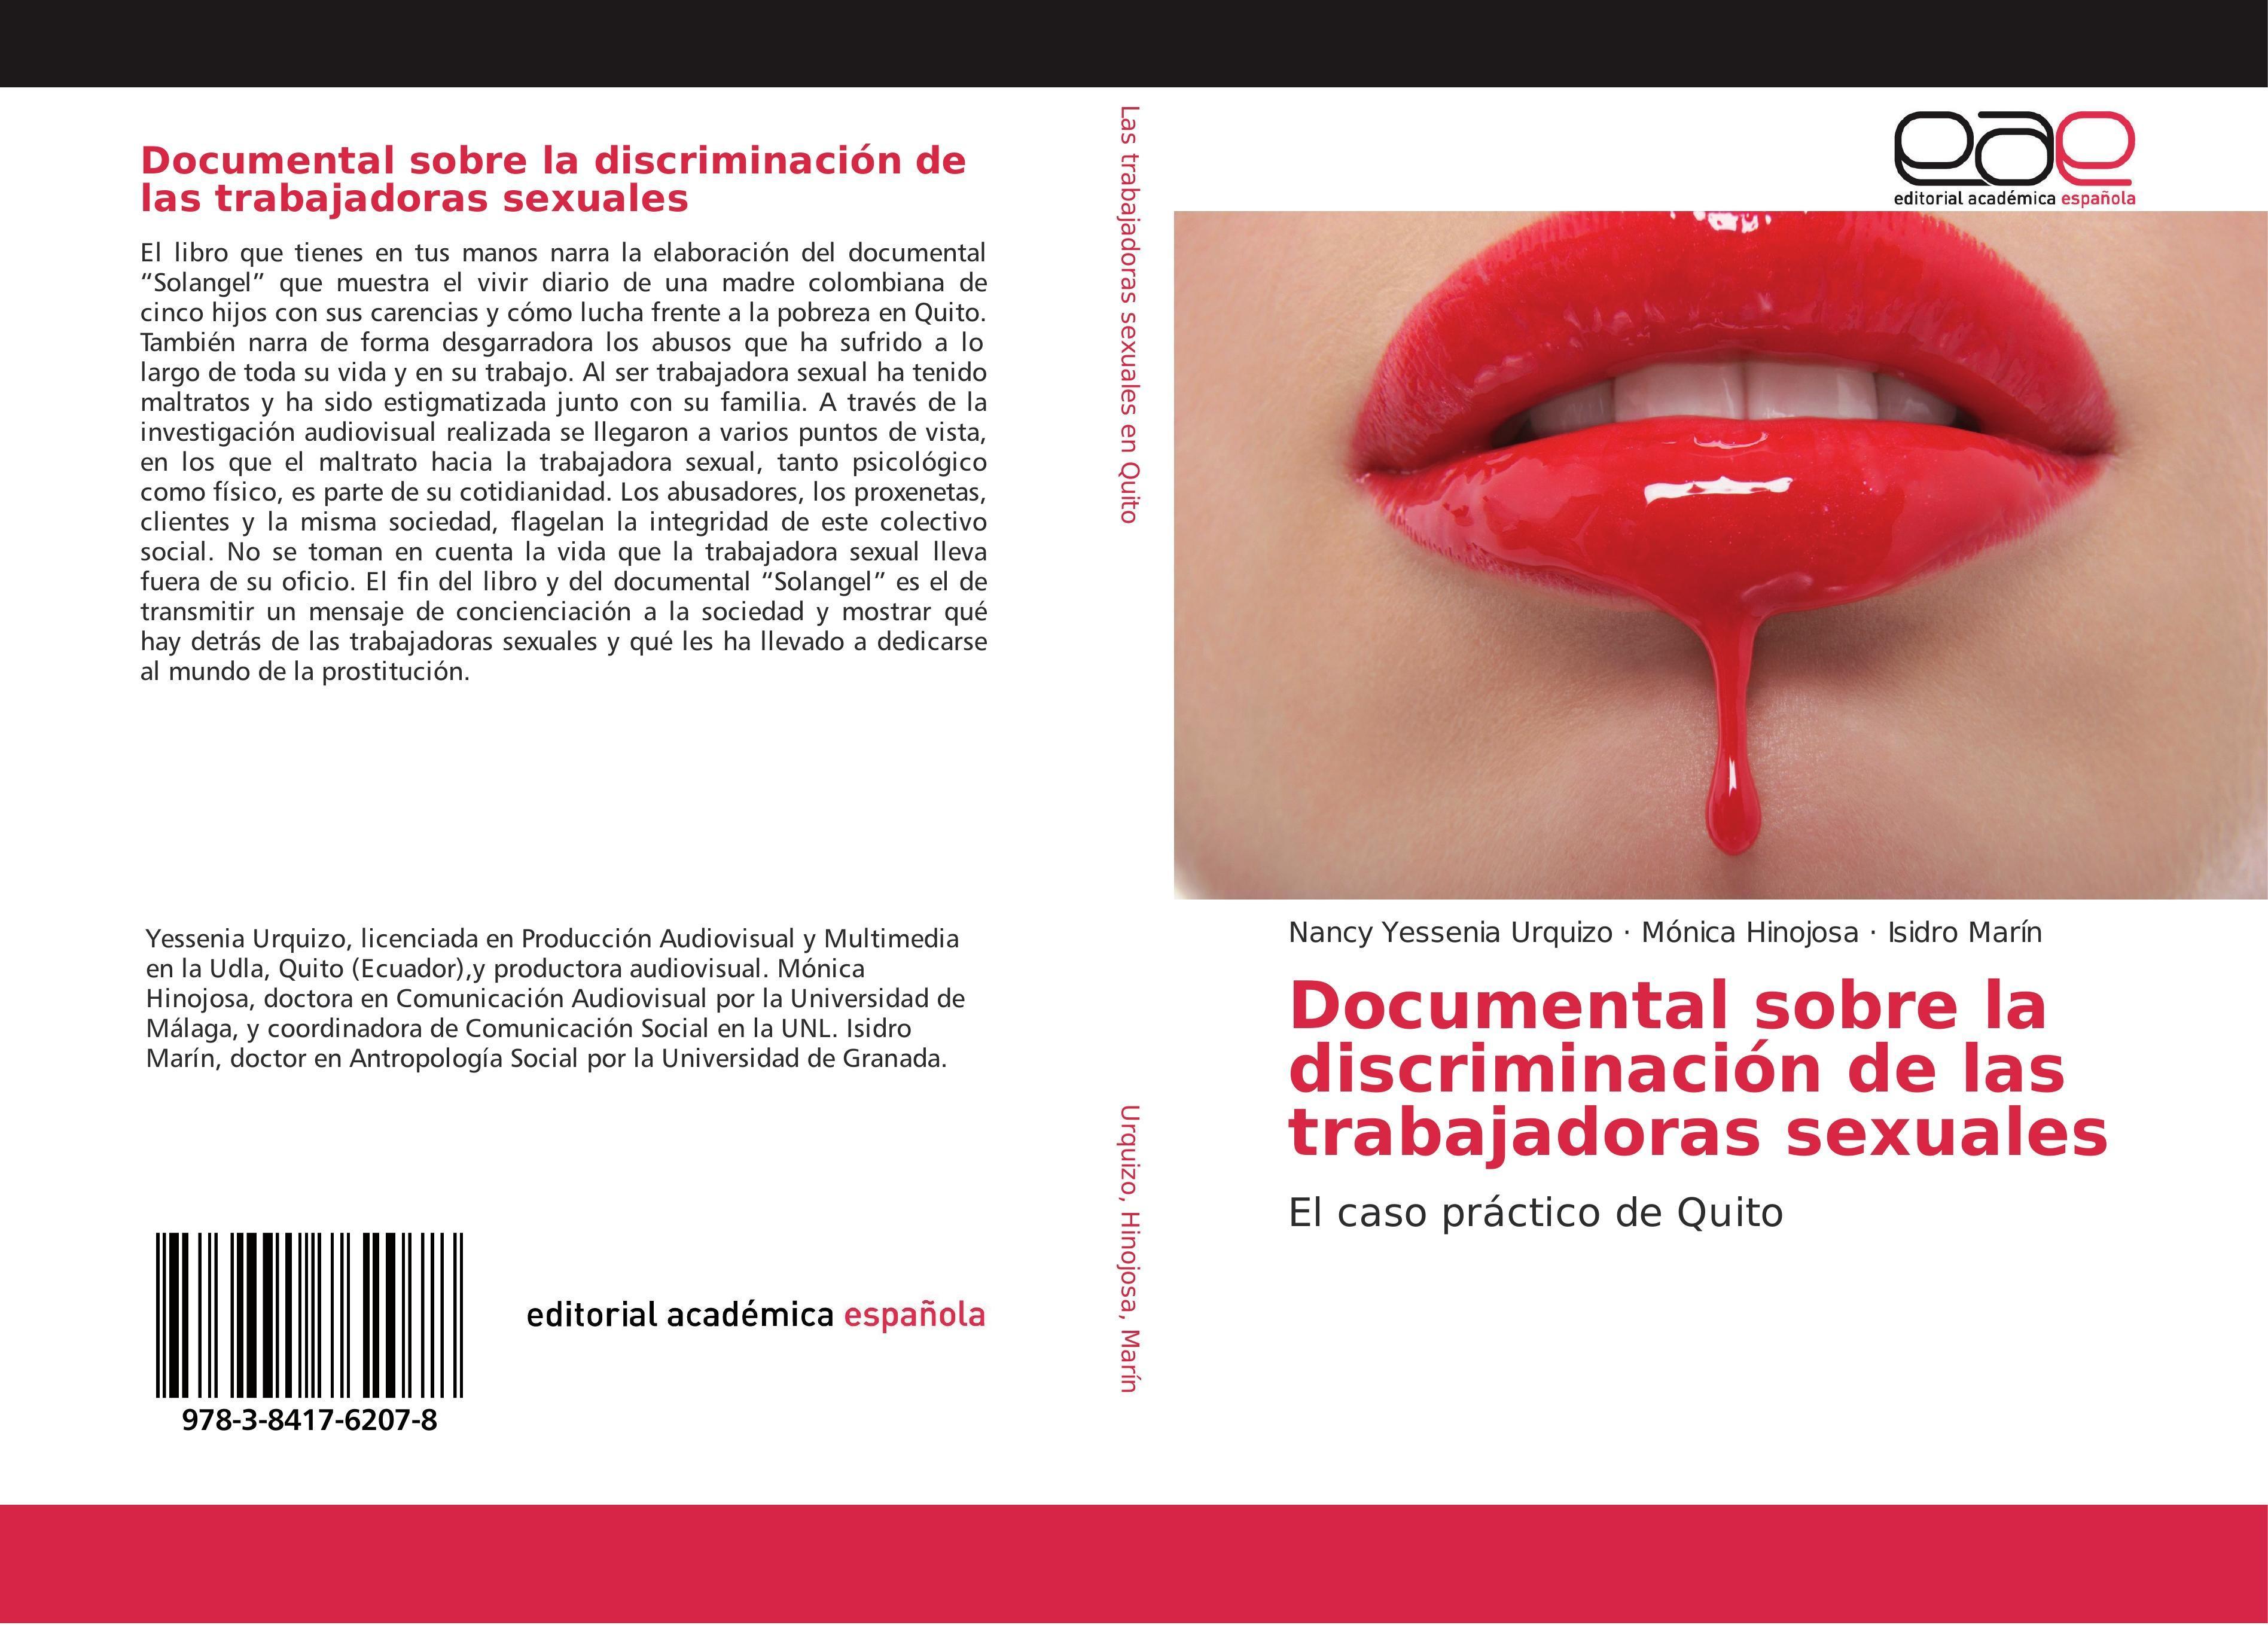 Documental sobre la discriminación de las trabajadoras sexua ... 9783841762078